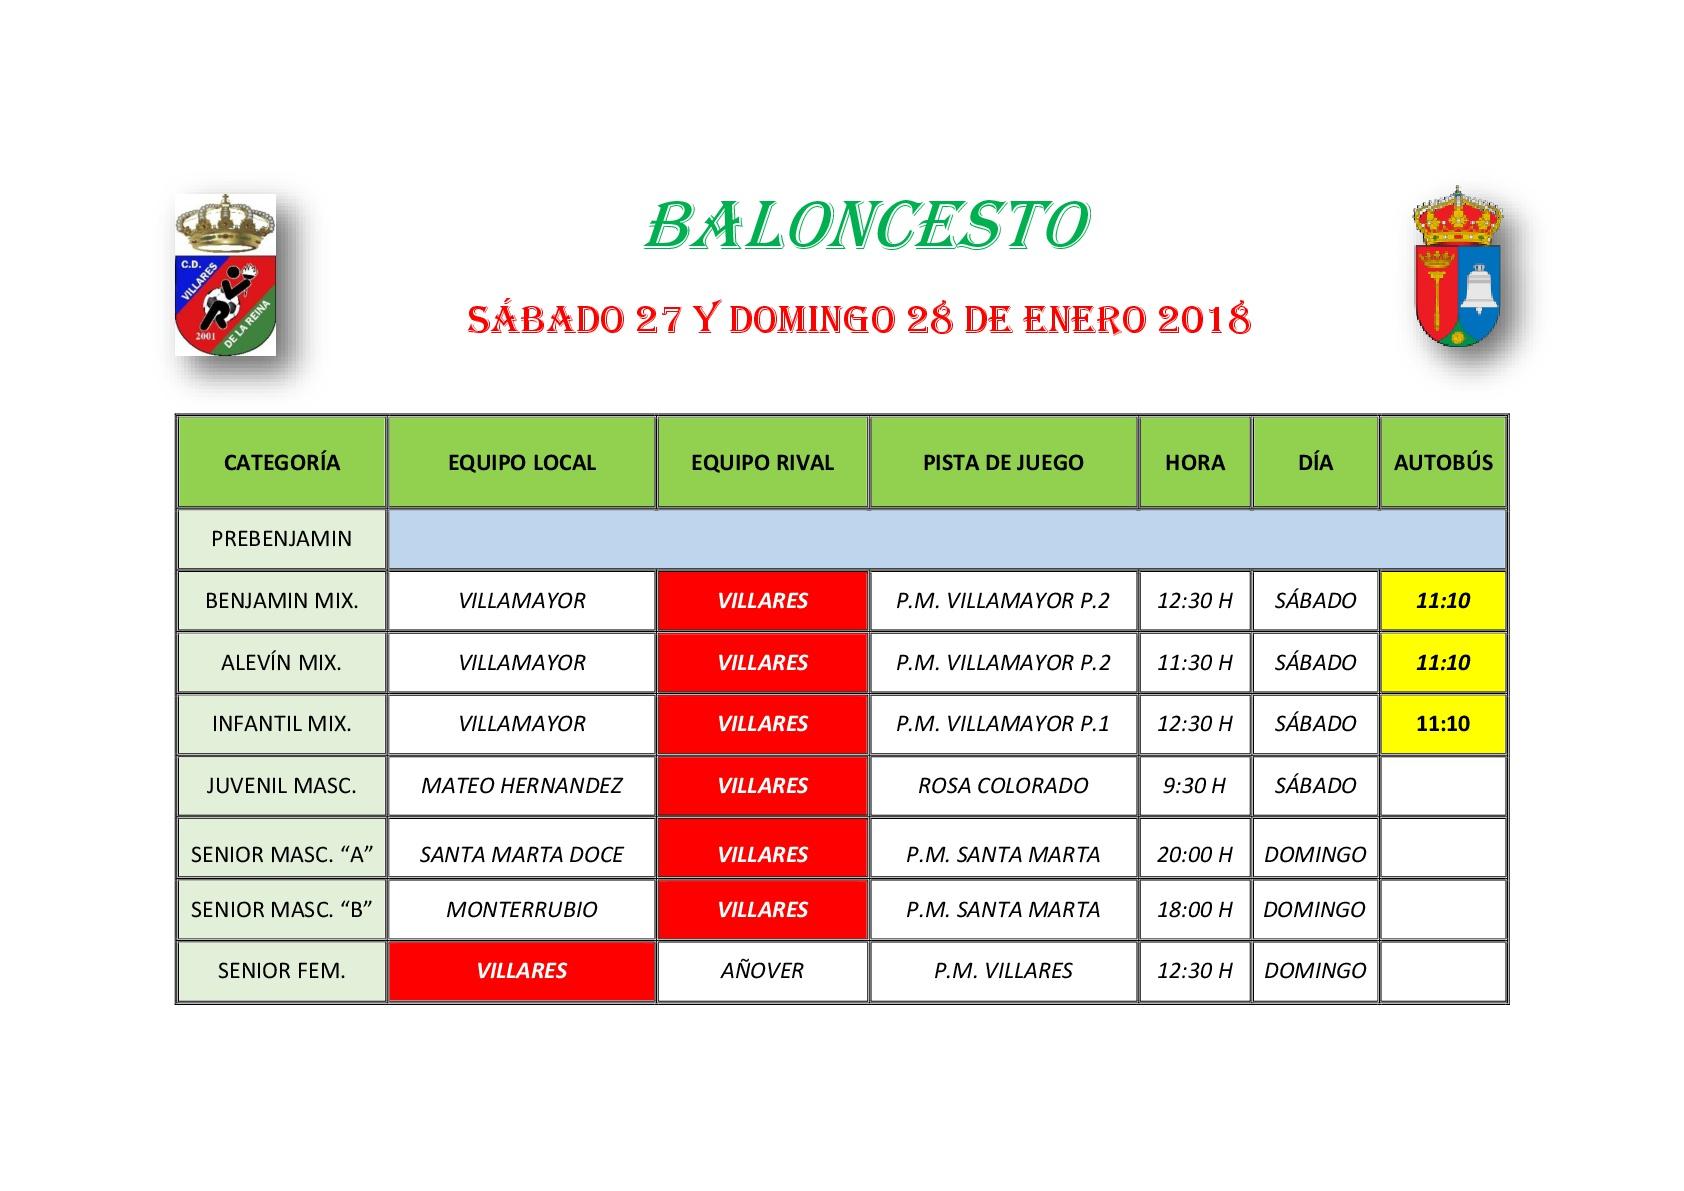 Horario Baloncesto 27/28 Enero 2018